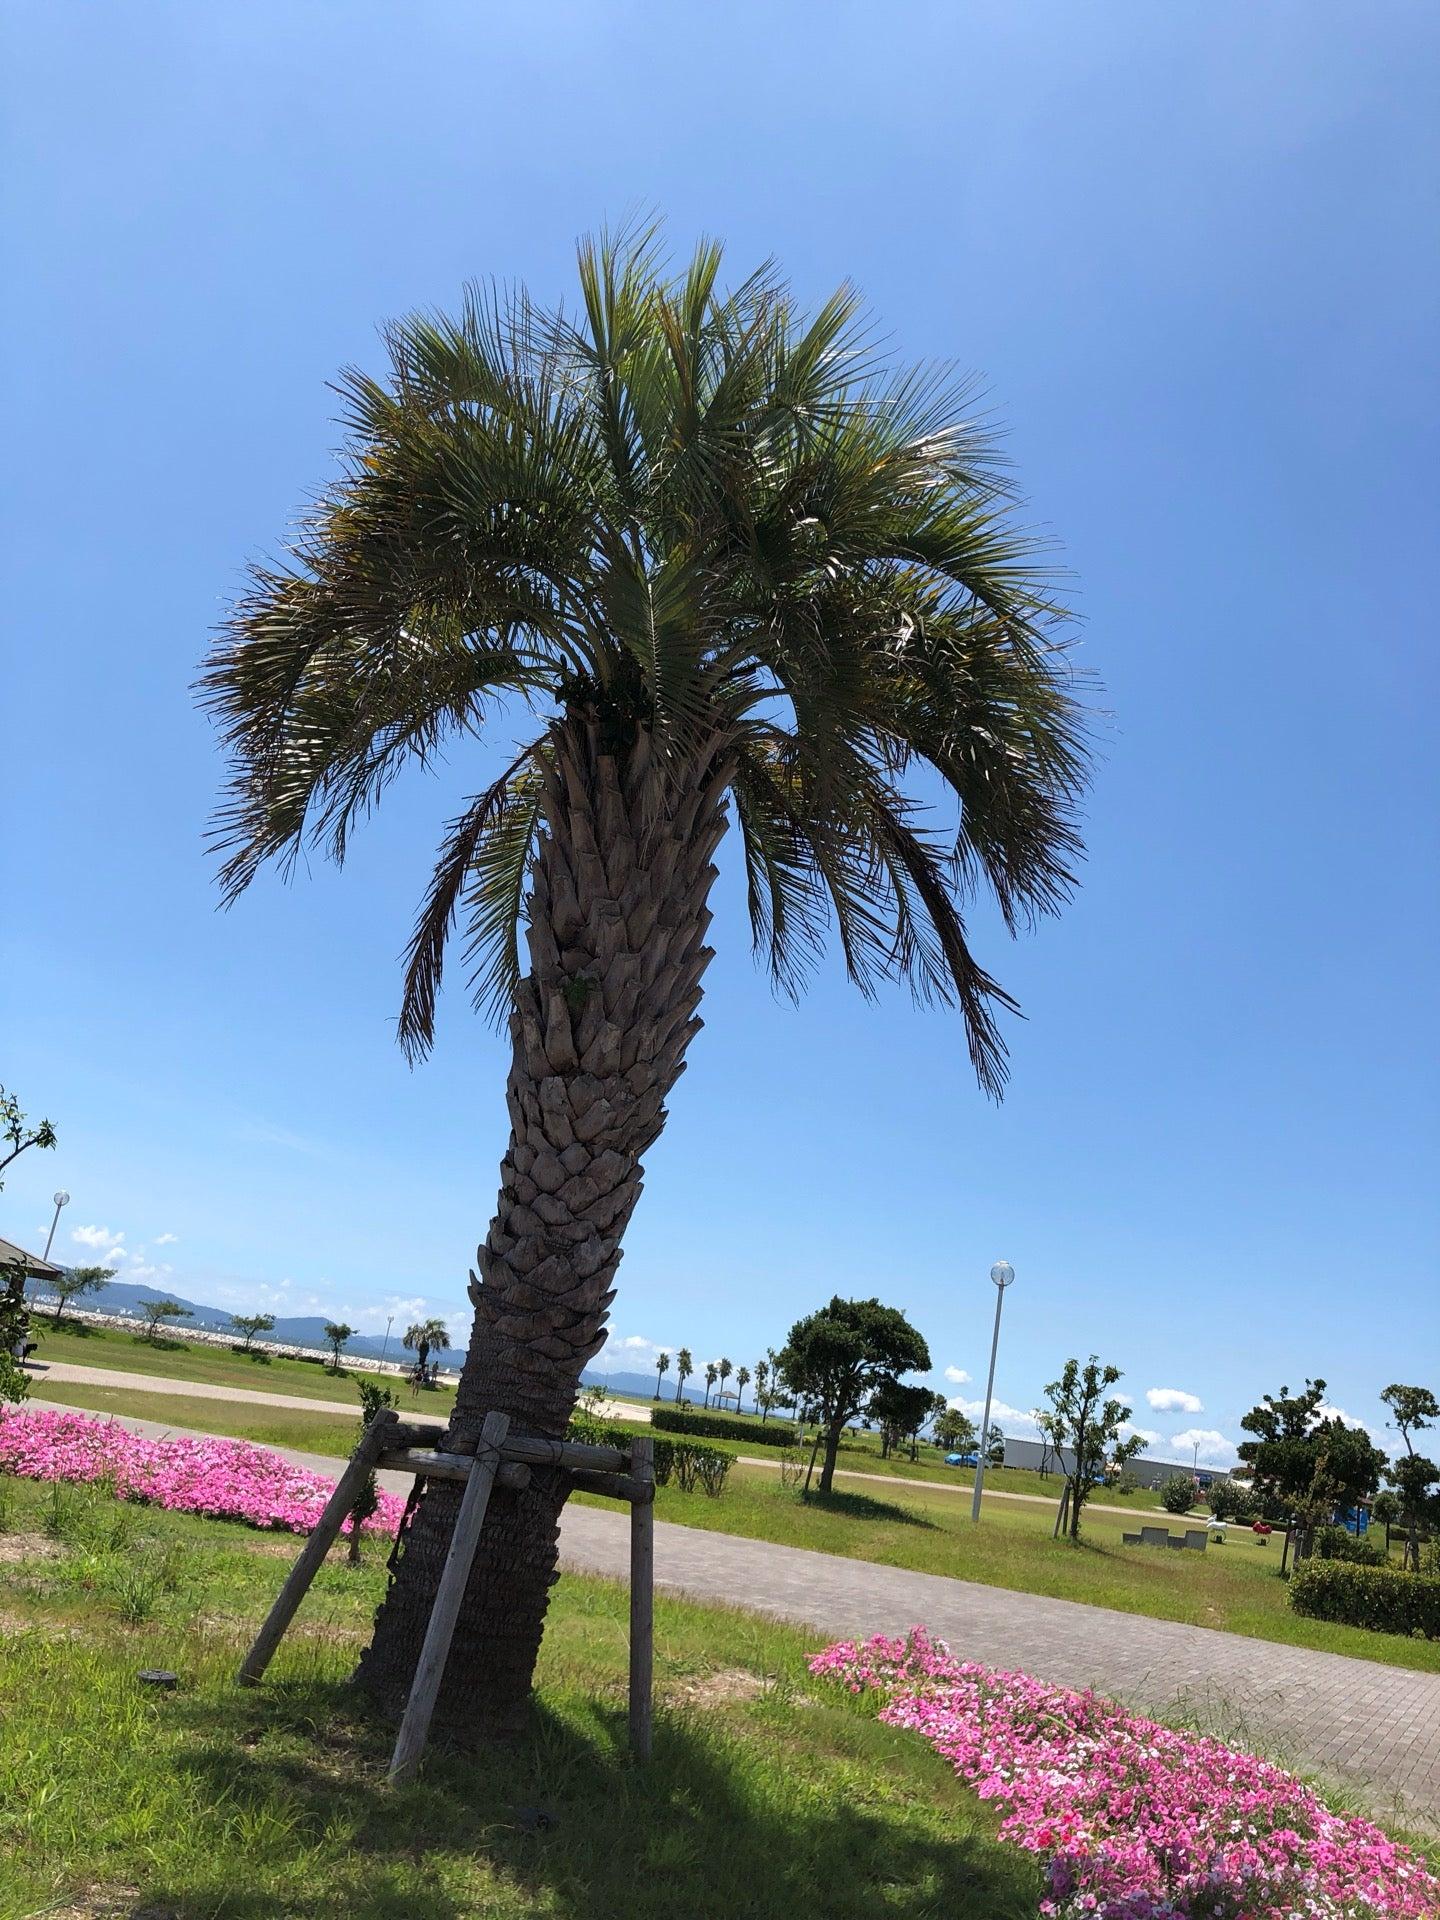 I'm at ラグーナビーチ(大塚海浜緑地) in 蒲郡市, 愛知県 https://t.co/lipvRZeX79 https://t.co/n0NA0LBh7y